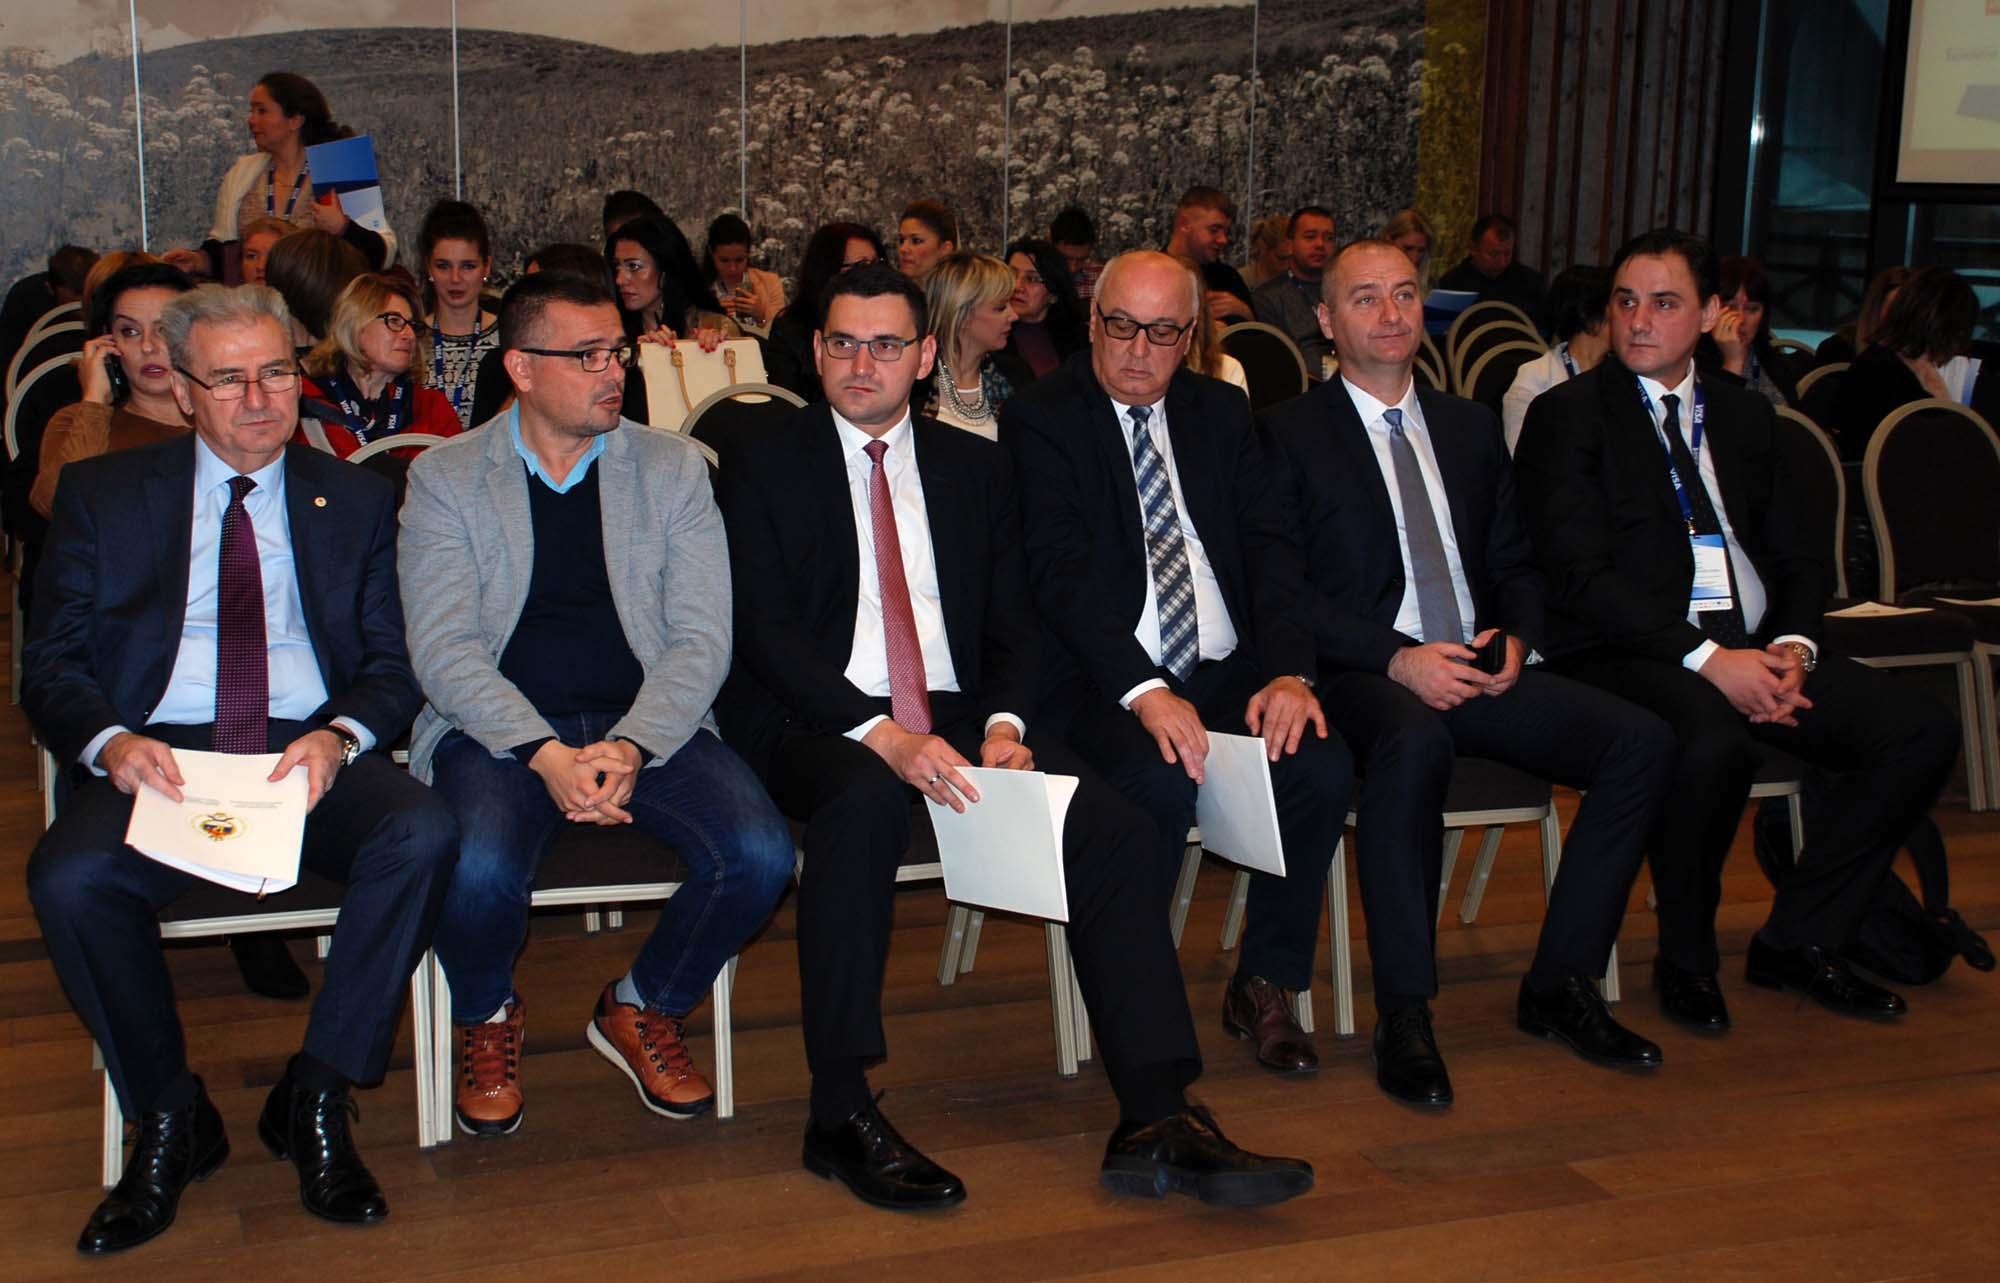 ЈАХОРИНА, 30. НОВЕМБРА /СРНА/ - На Јахорини је јутрос почела Друга регионална конференција о породичном предузетништву Србије, БиХ и Црне Горе.